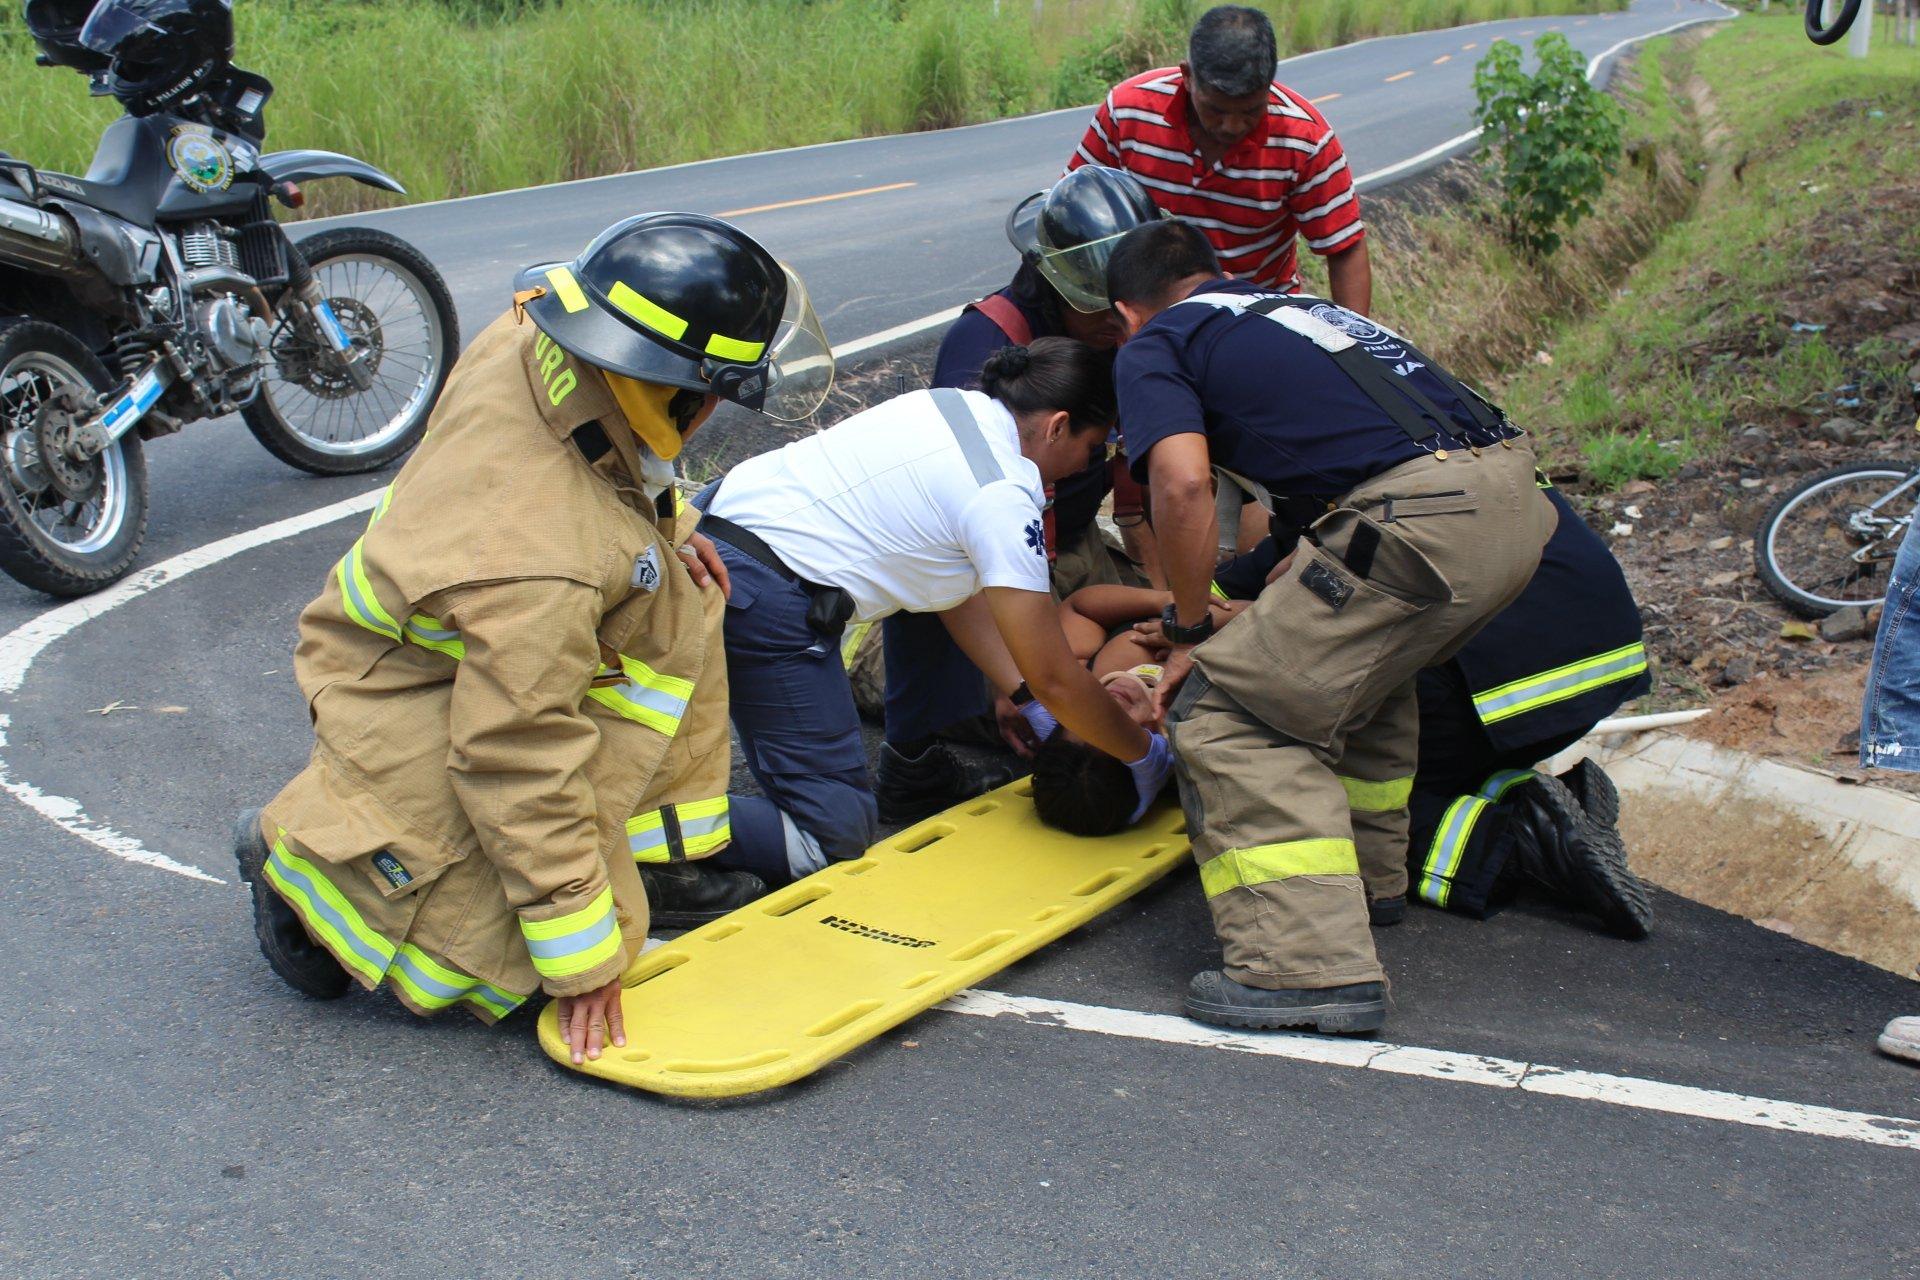 Motociclista se accidenta en Llano Marín - Crítica